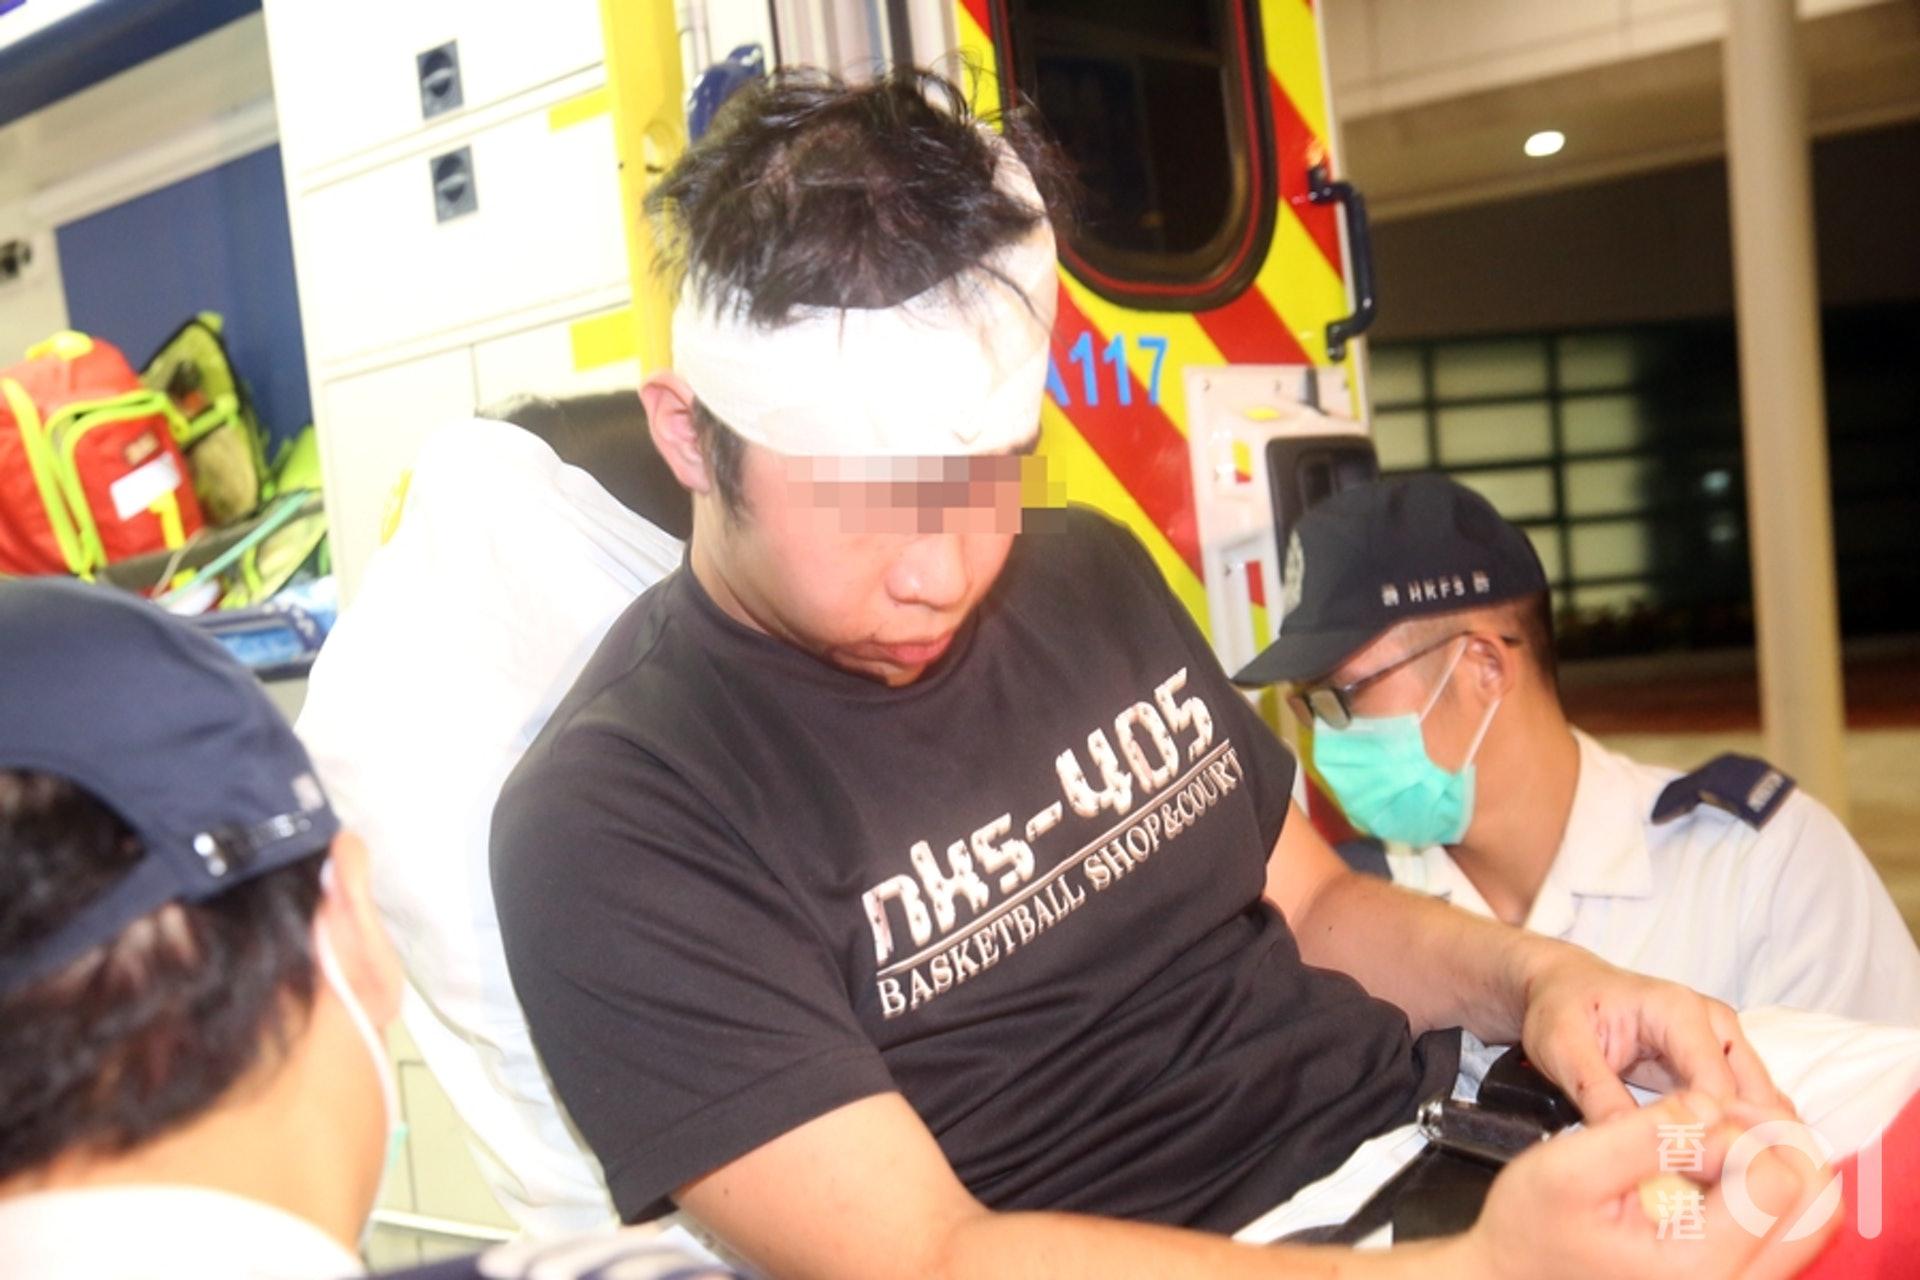 頭部受傷的男傷者送院治理。(陳永武攝)